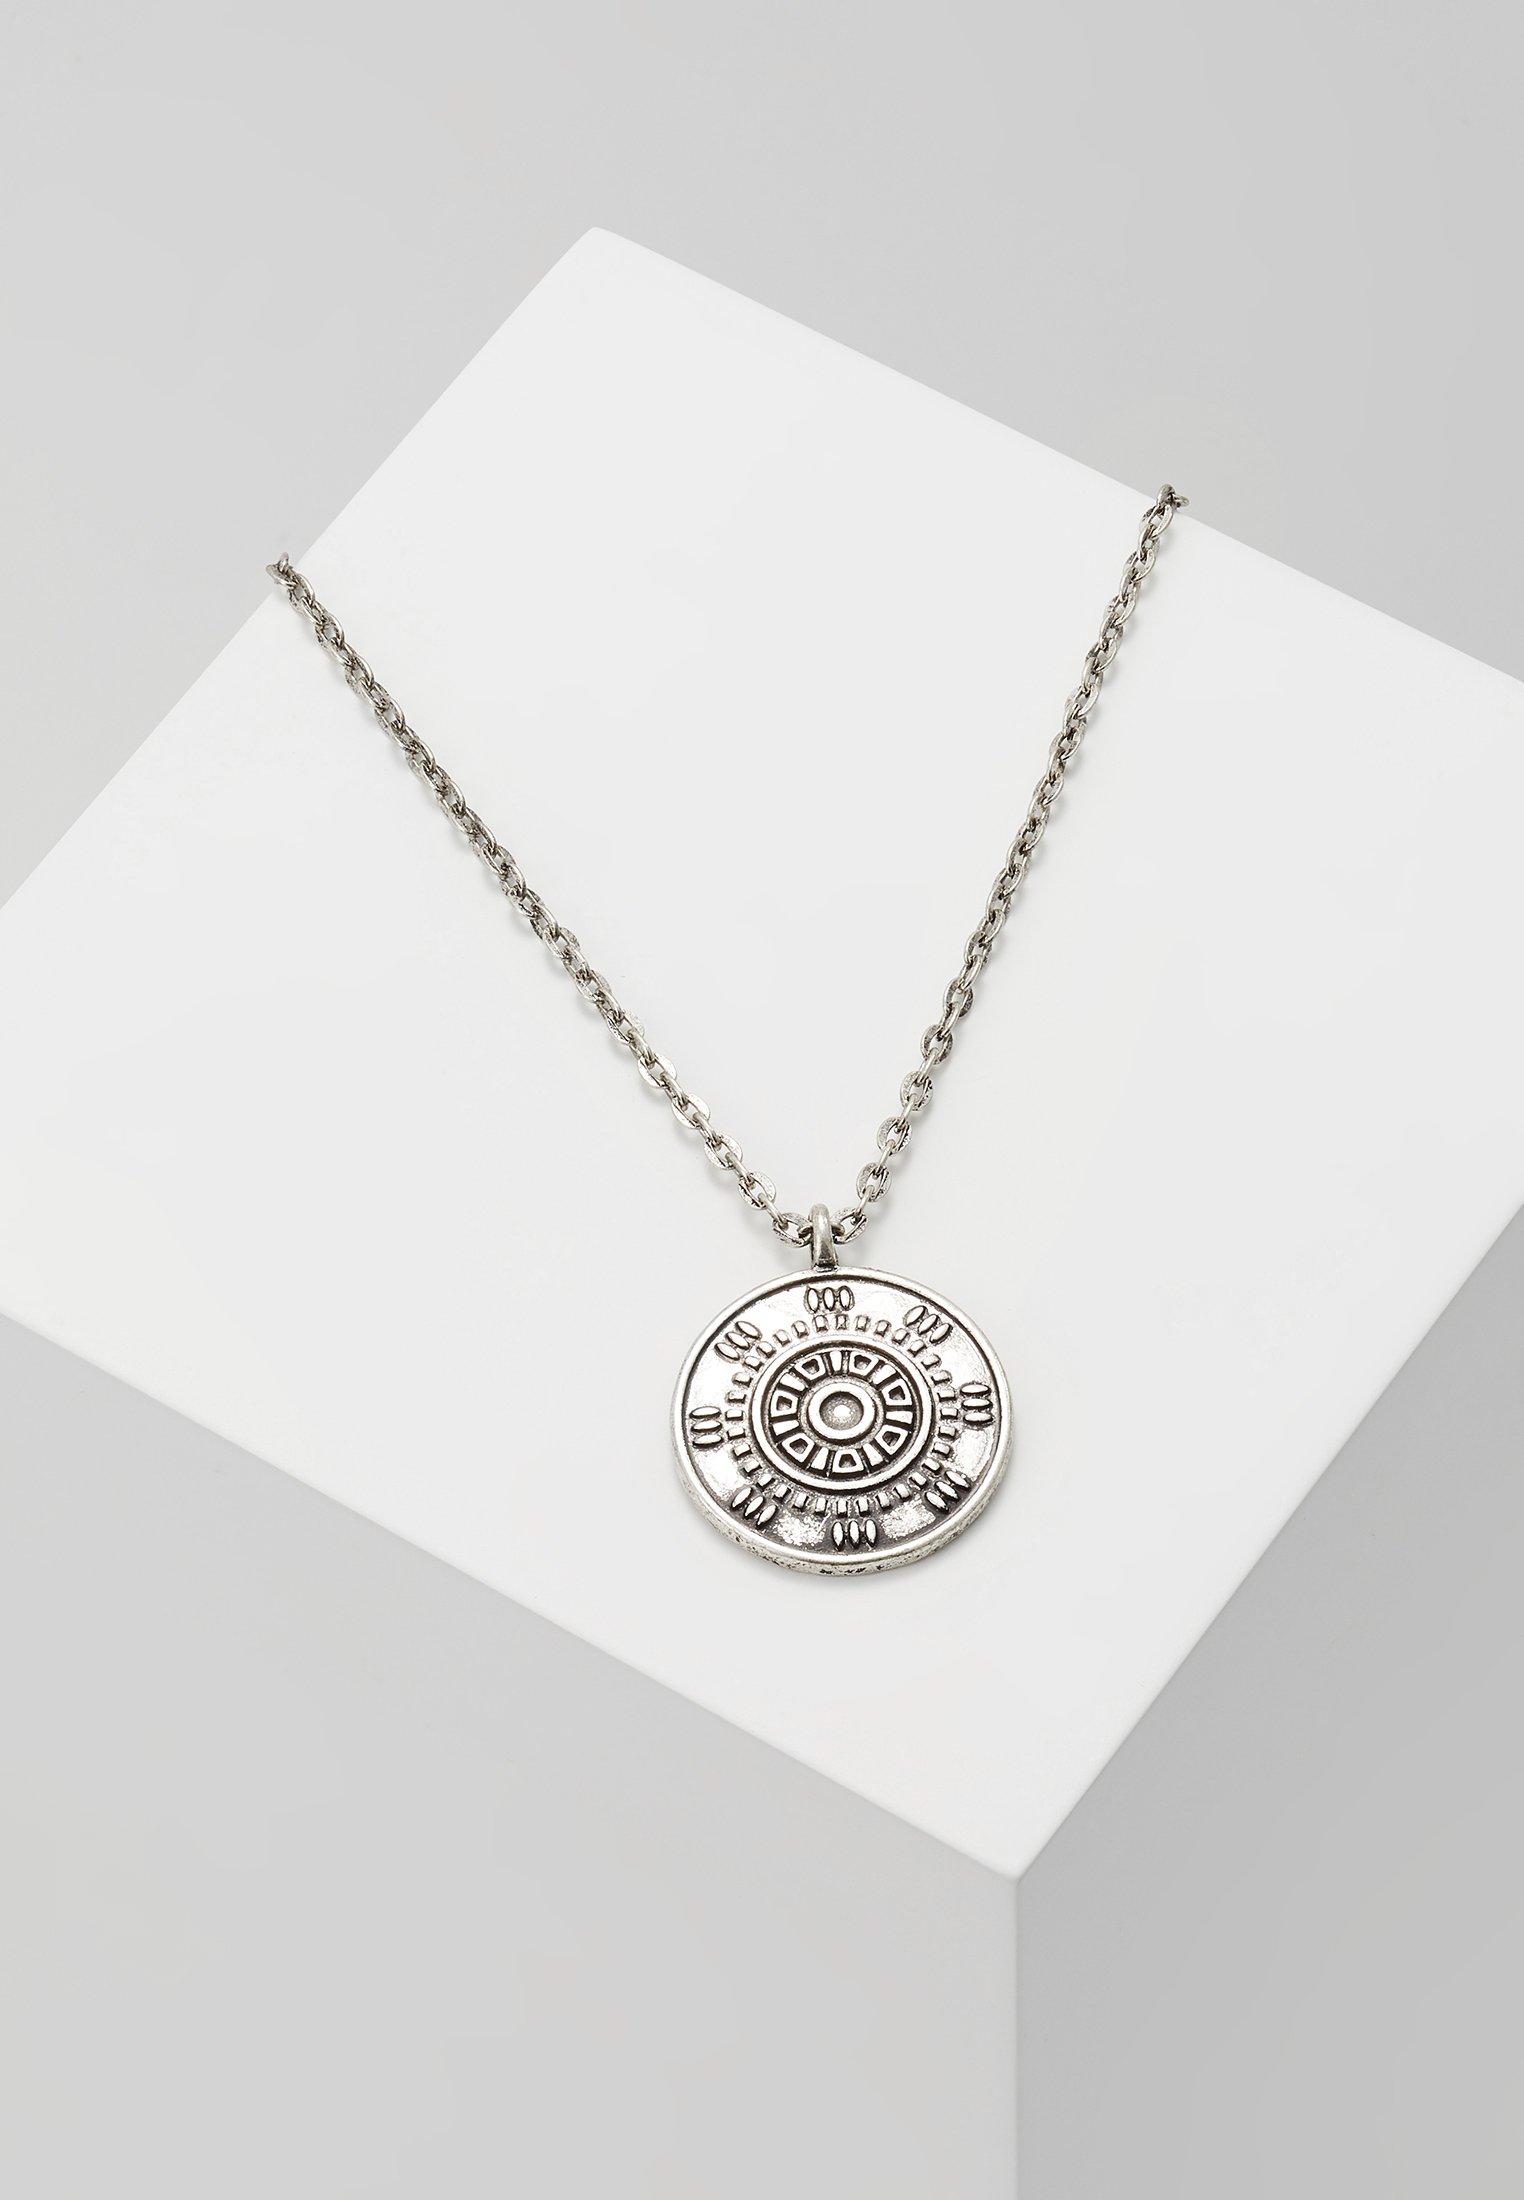 Classics77 Silver Classics77 coloured Mayanaconda Silver coloured Mayanaconda NecklaceCollier NecklaceCollier rCtsQdhx